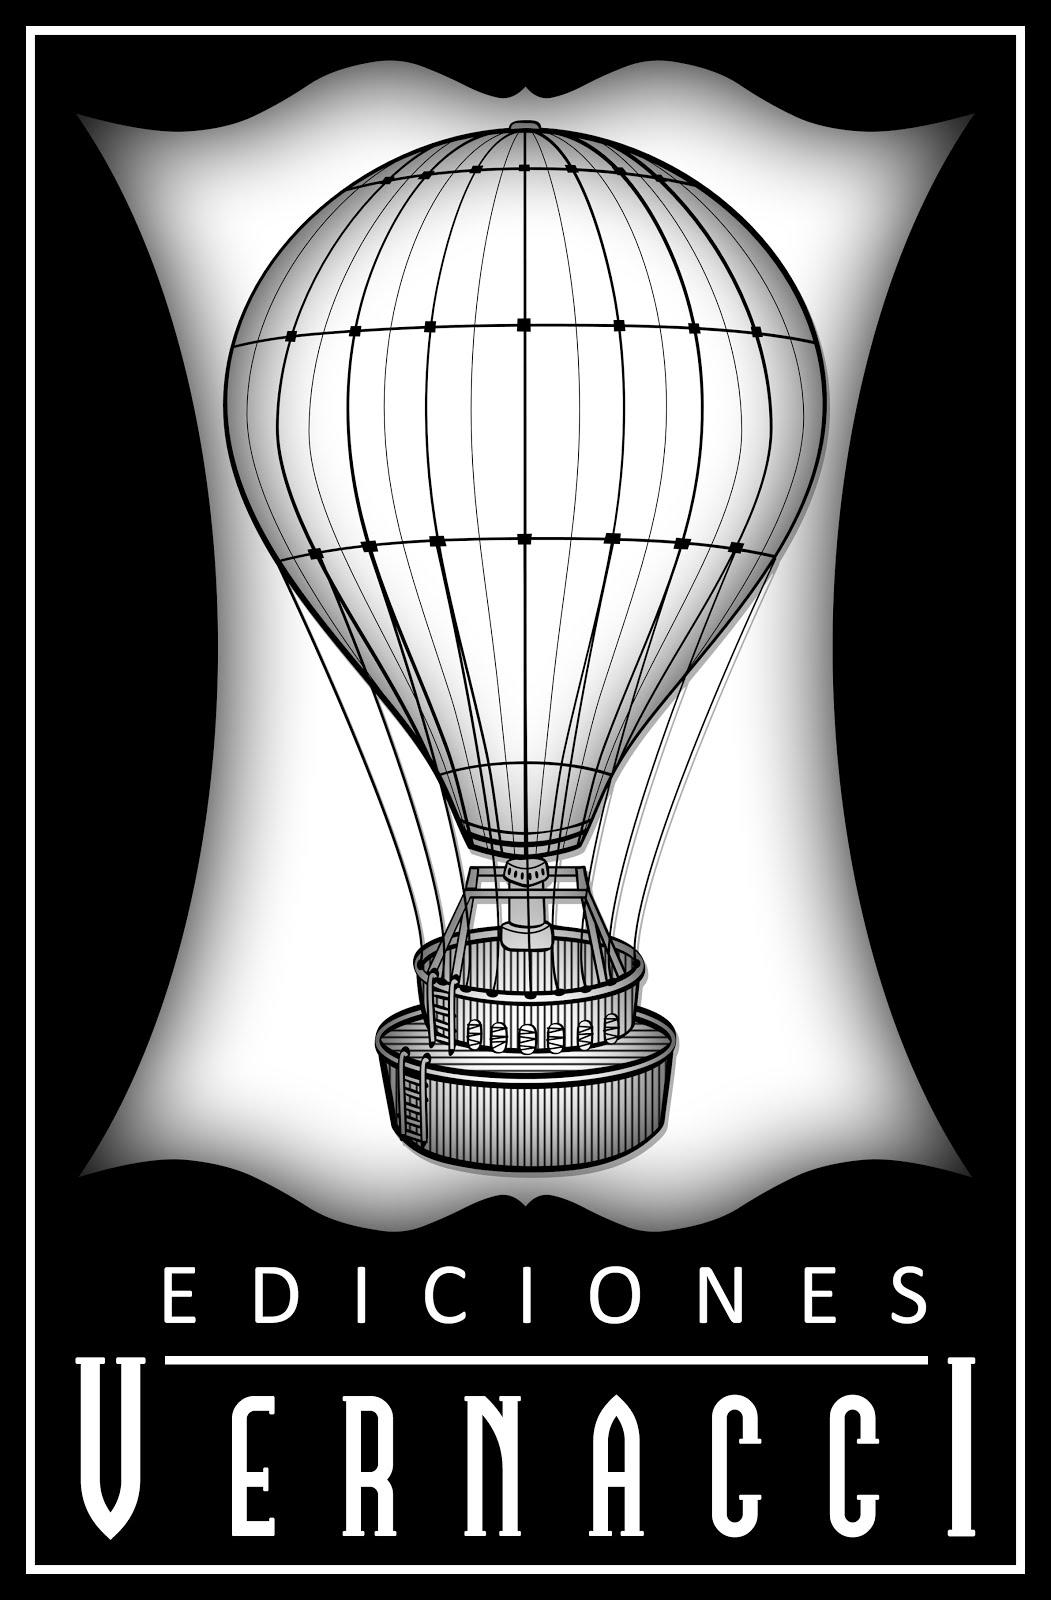 Ediciones Vernacci S.L